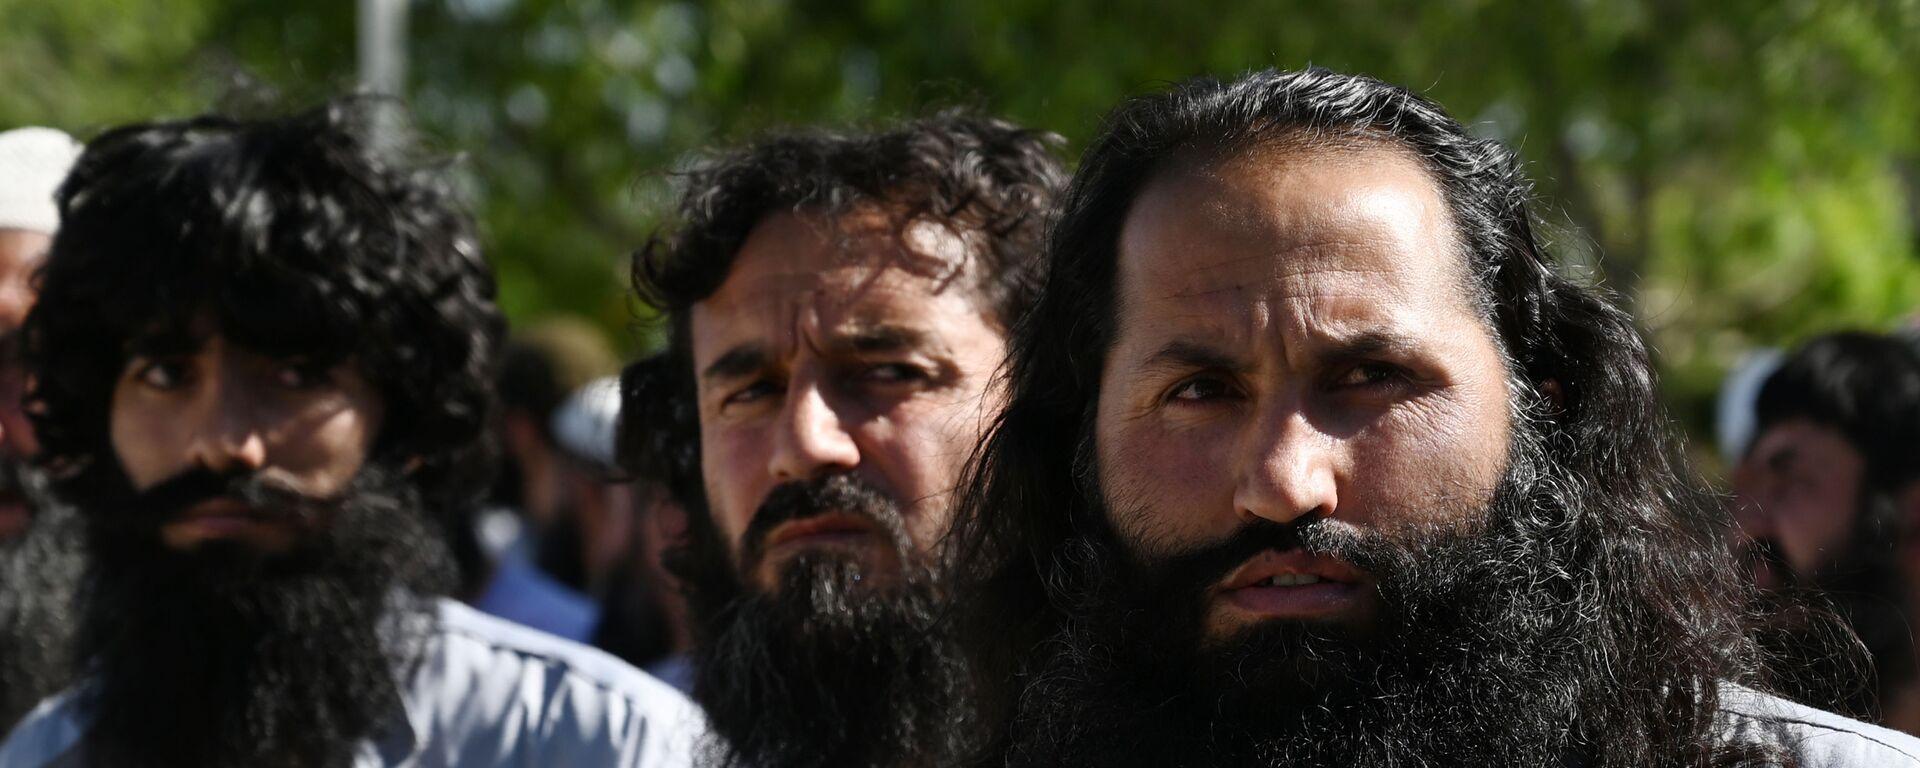 Заключенные талибы во время их освобождения из тюрьмы Баграм, Афганистан - Sputnik Таджикистан, 1920, 15.04.2021